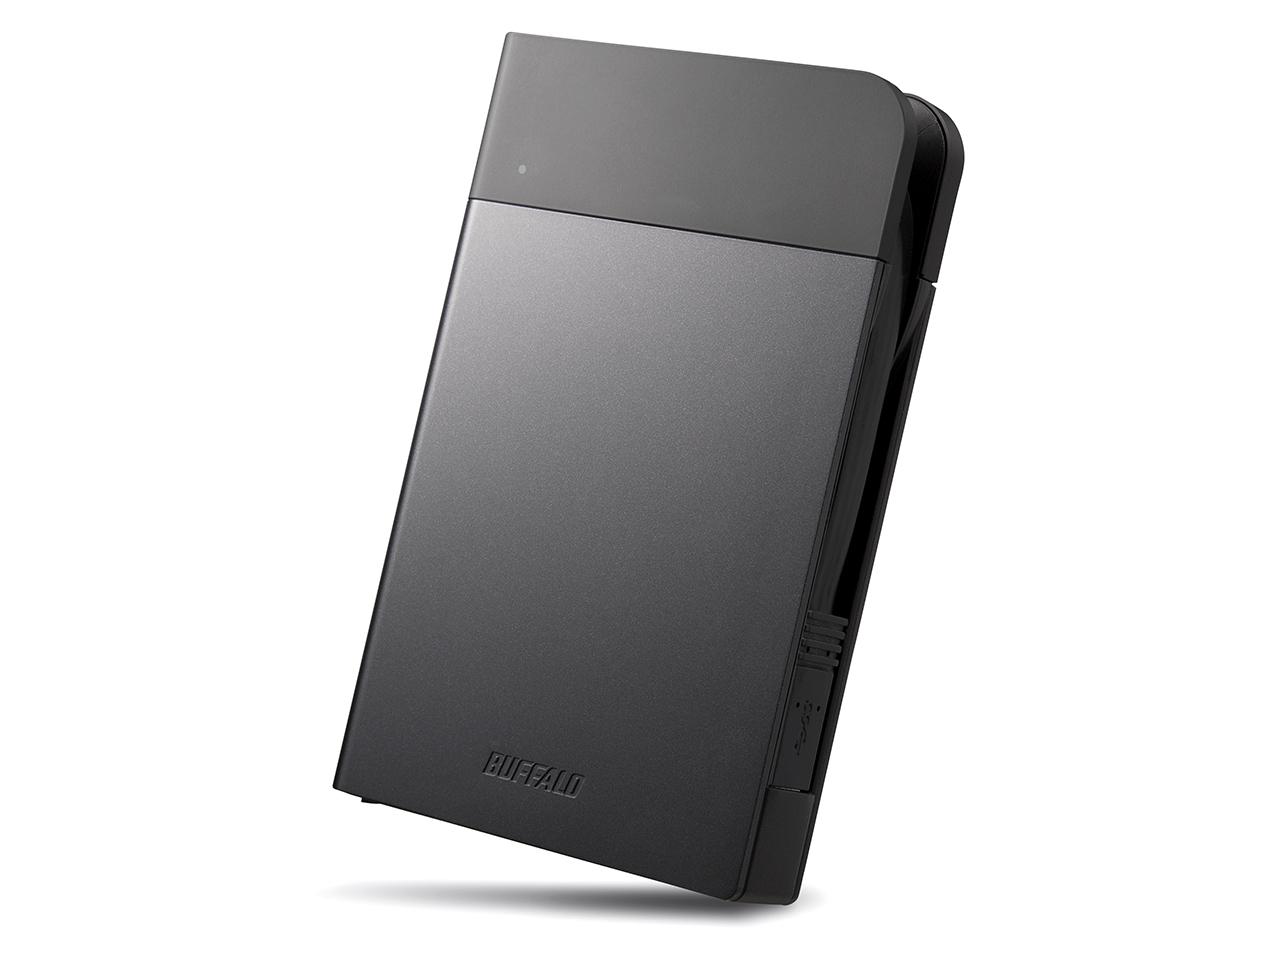 【お取り寄せ】Buffalo(バッファロー)ICカード対応MILスペック耐衝撃ボディー防雨防塵ポータブルHDD2TB(ブラック)|HD-PZN2.0U3-B(4981254027295)